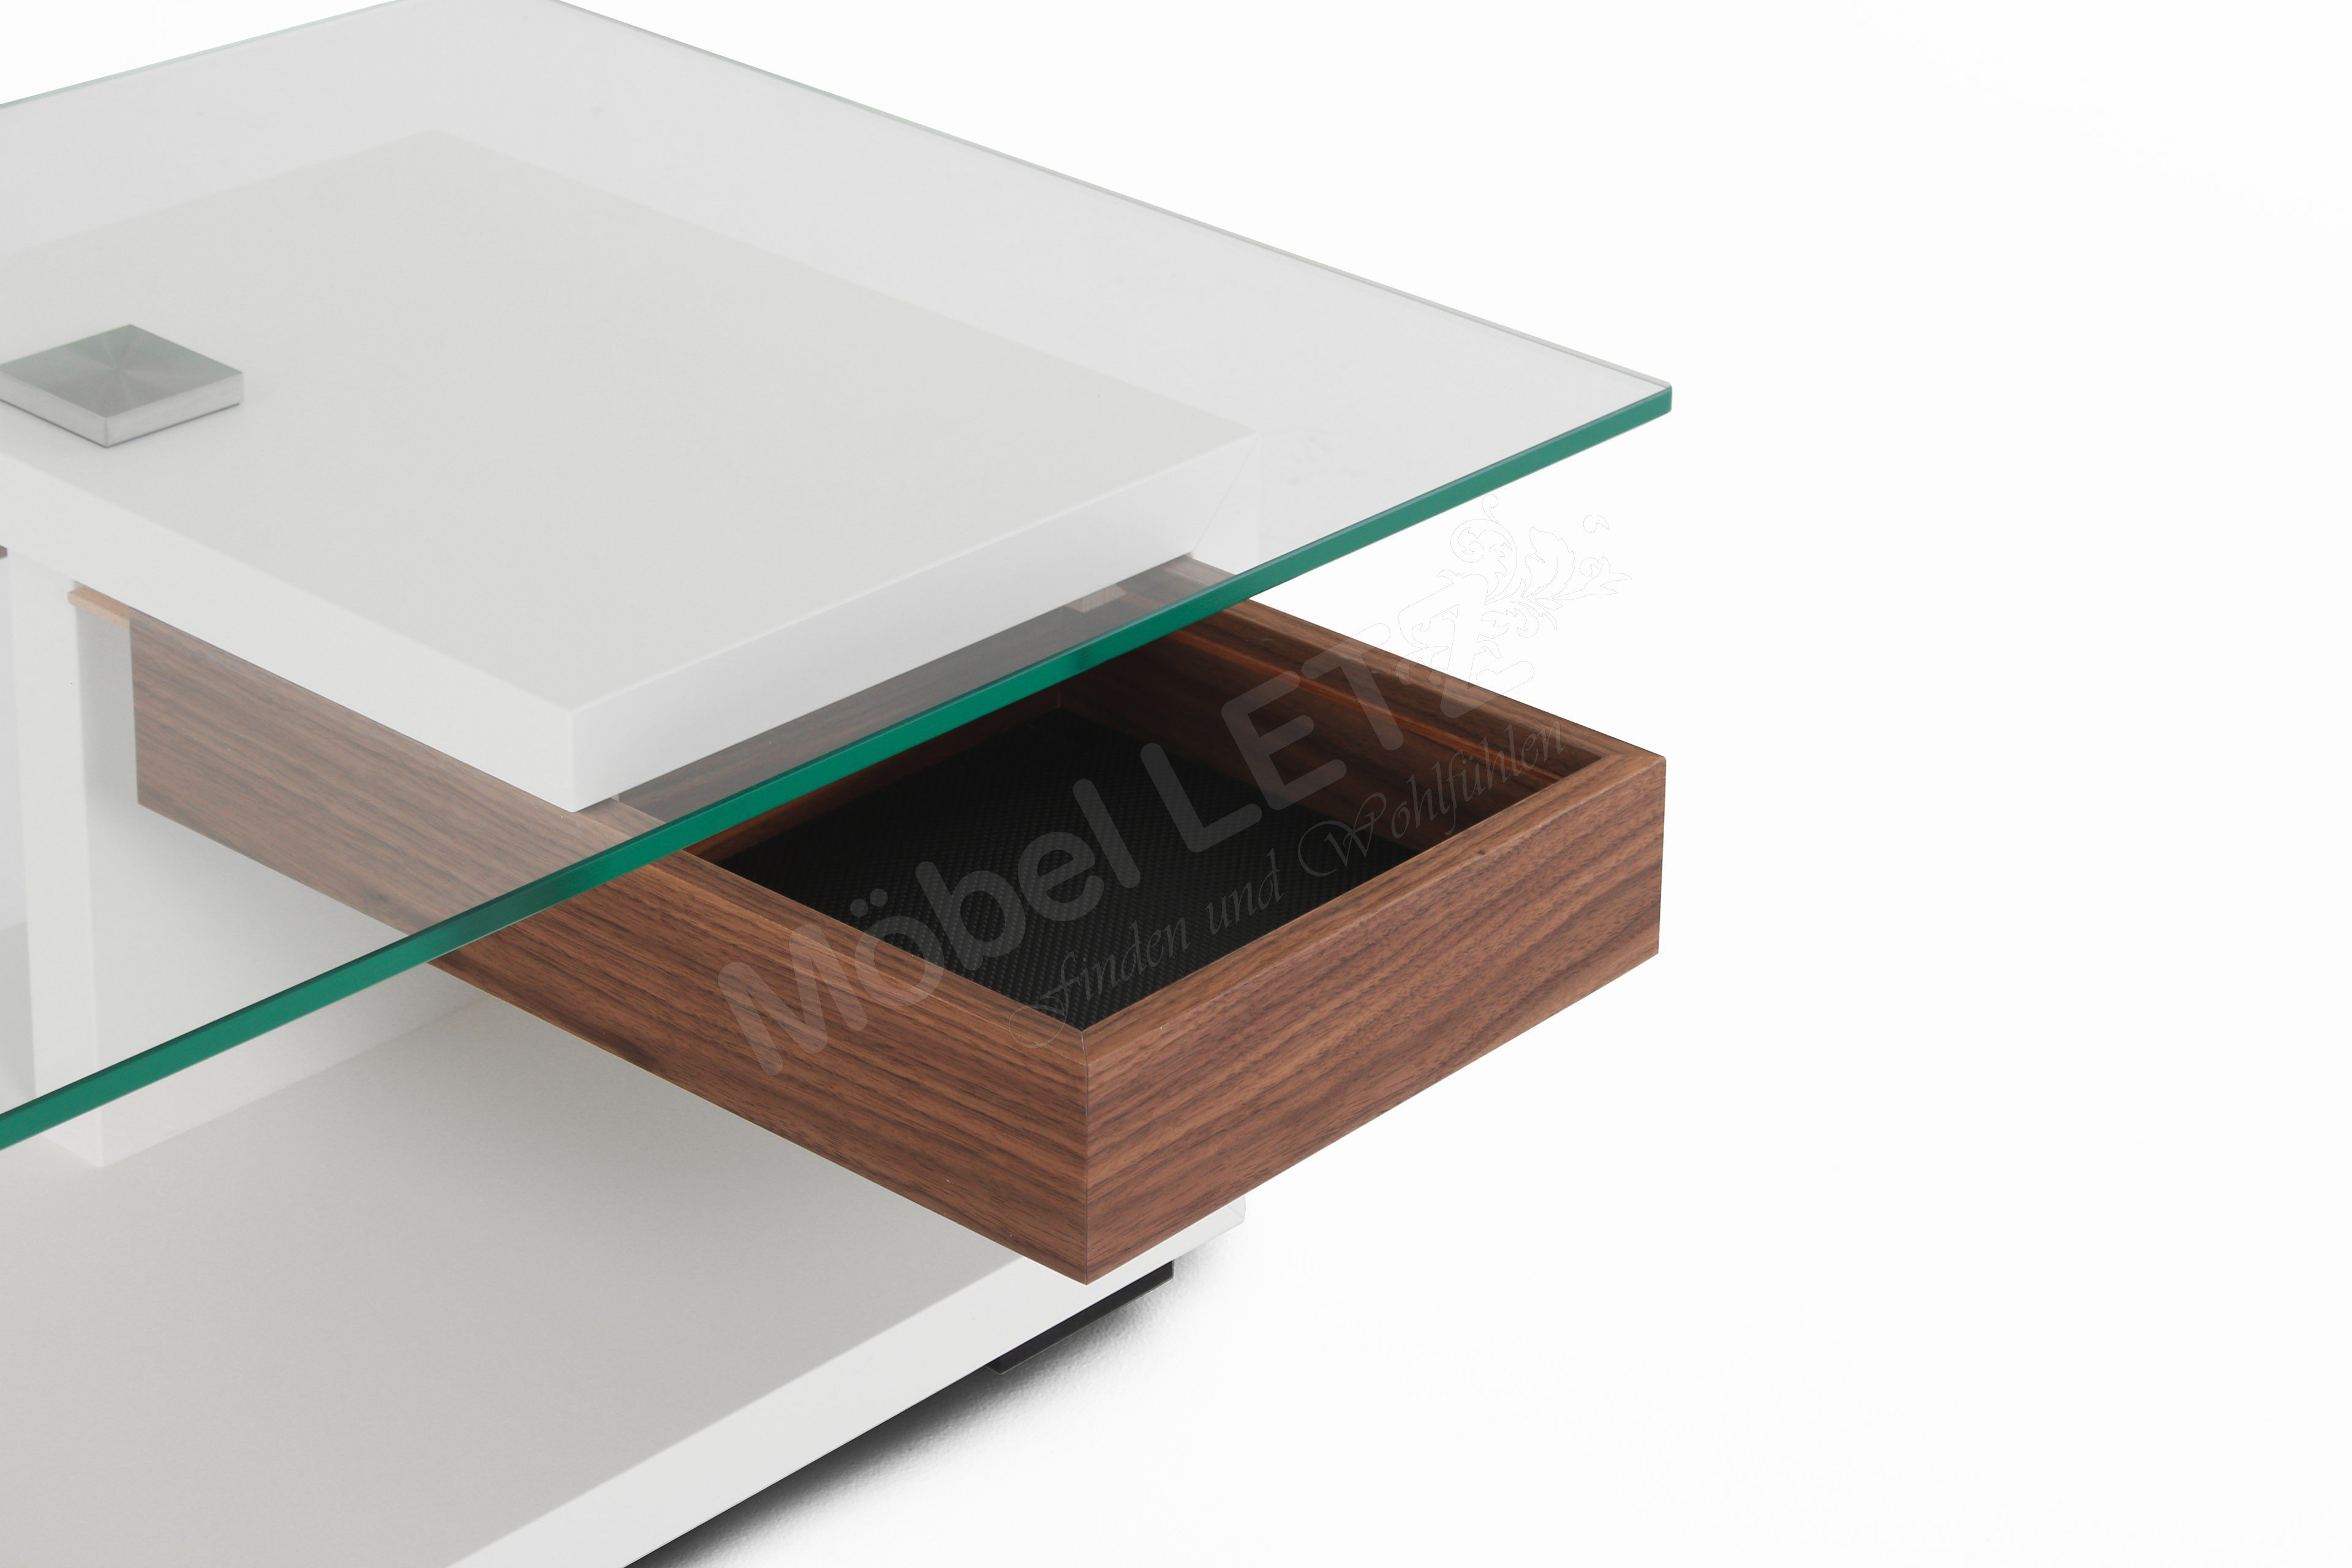 gwinner couchtisch ct404 110 wei nussbaum m bel letz ihr online shop. Black Bedroom Furniture Sets. Home Design Ideas